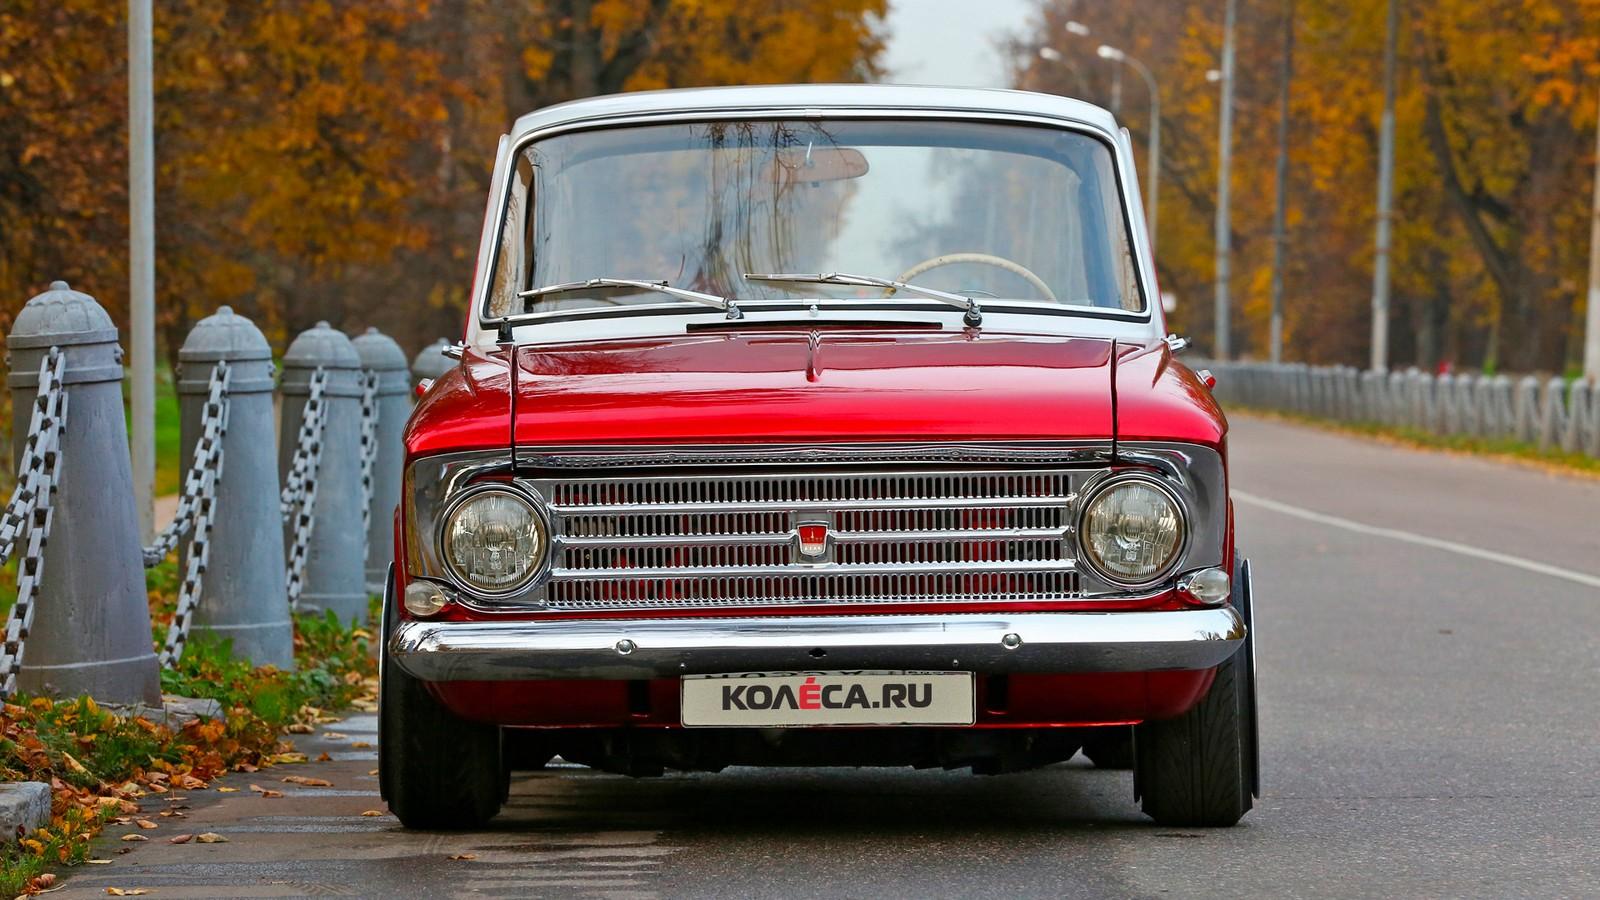 Тюнинг трансмиссии автомобиля москвич 412 брокколи рецепты приготовления на сковороде с грибами